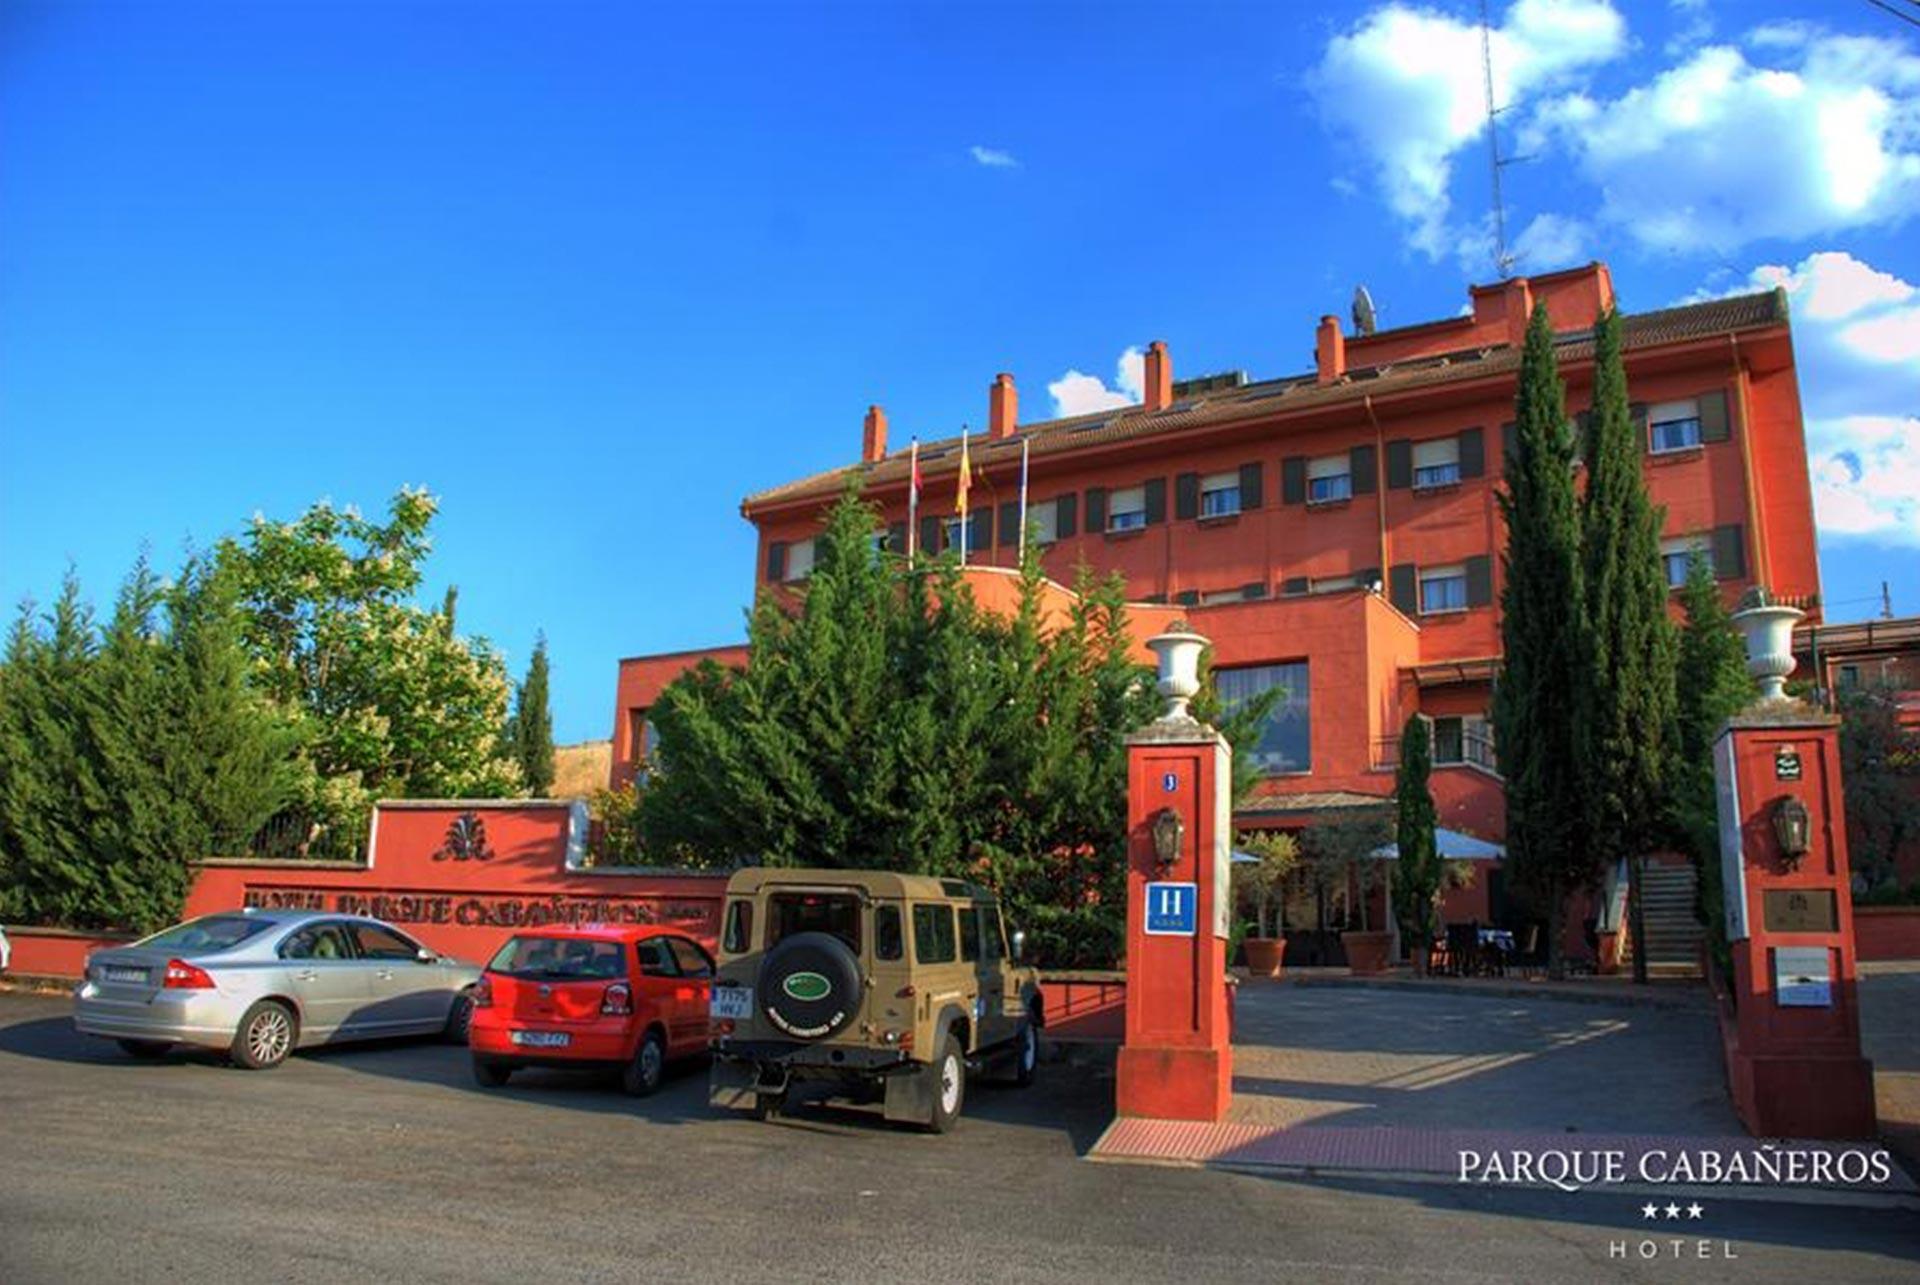 hotel-parque-cabaneros